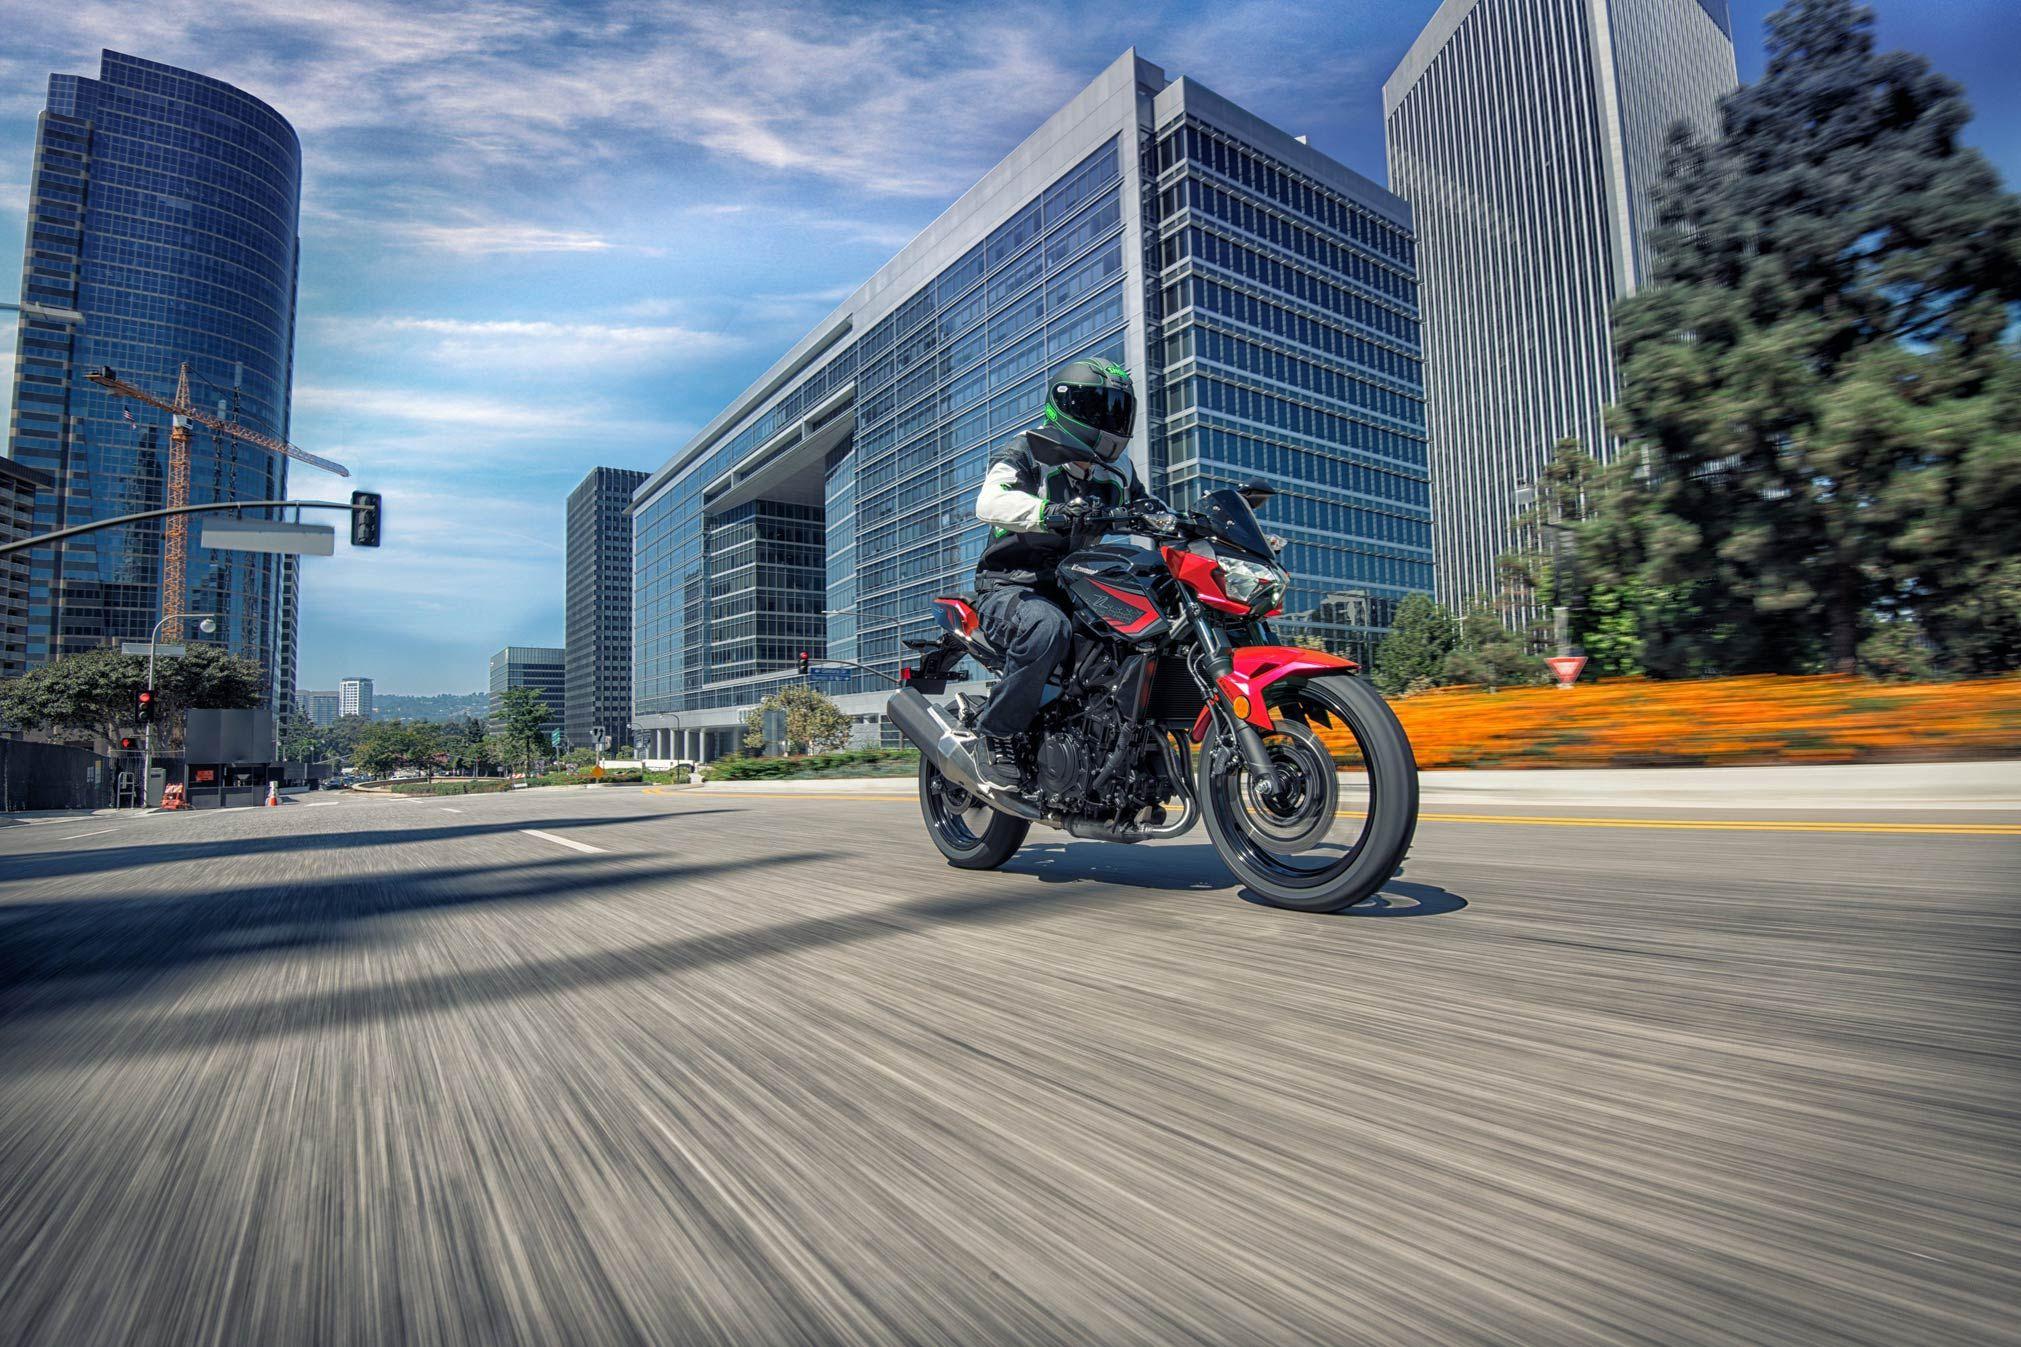 2021motorcyclemodels Motorcycle News 2021 Abs 2021 Kawasaki Z400 Abs Guide 2021 Kawasaki Z400 Abs Navigate The Urban Kawasaki Z400 Kawasaki Motorcycle